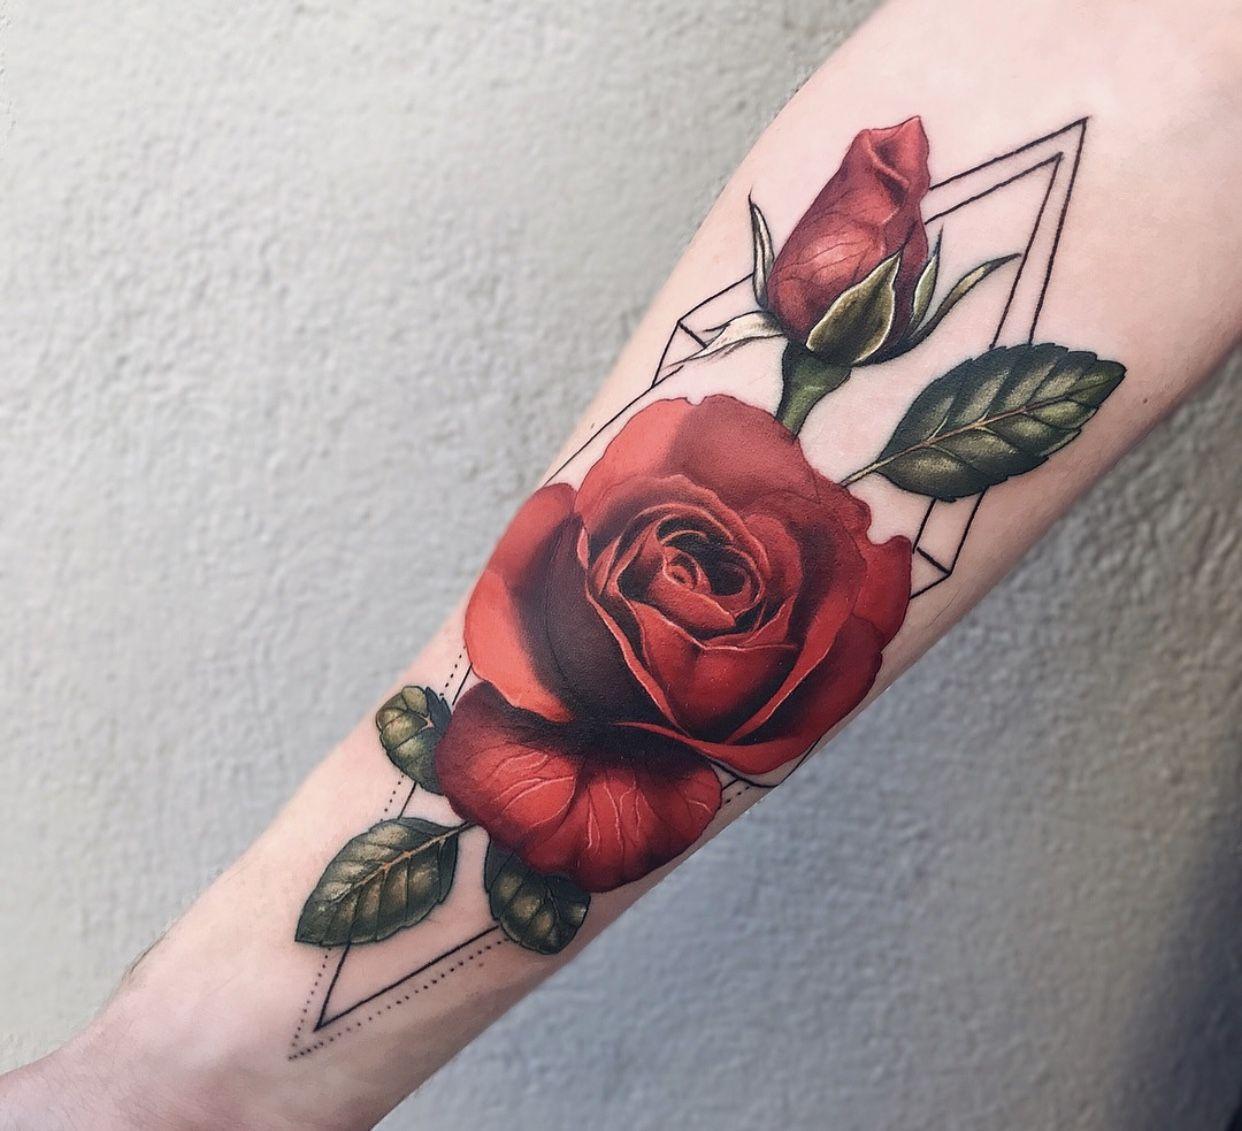 Pin De Dani Bender En Ink Pierceing Tatuajes De Rosas Tatuajes De Rosas Rojas Tatuajes Preciosos